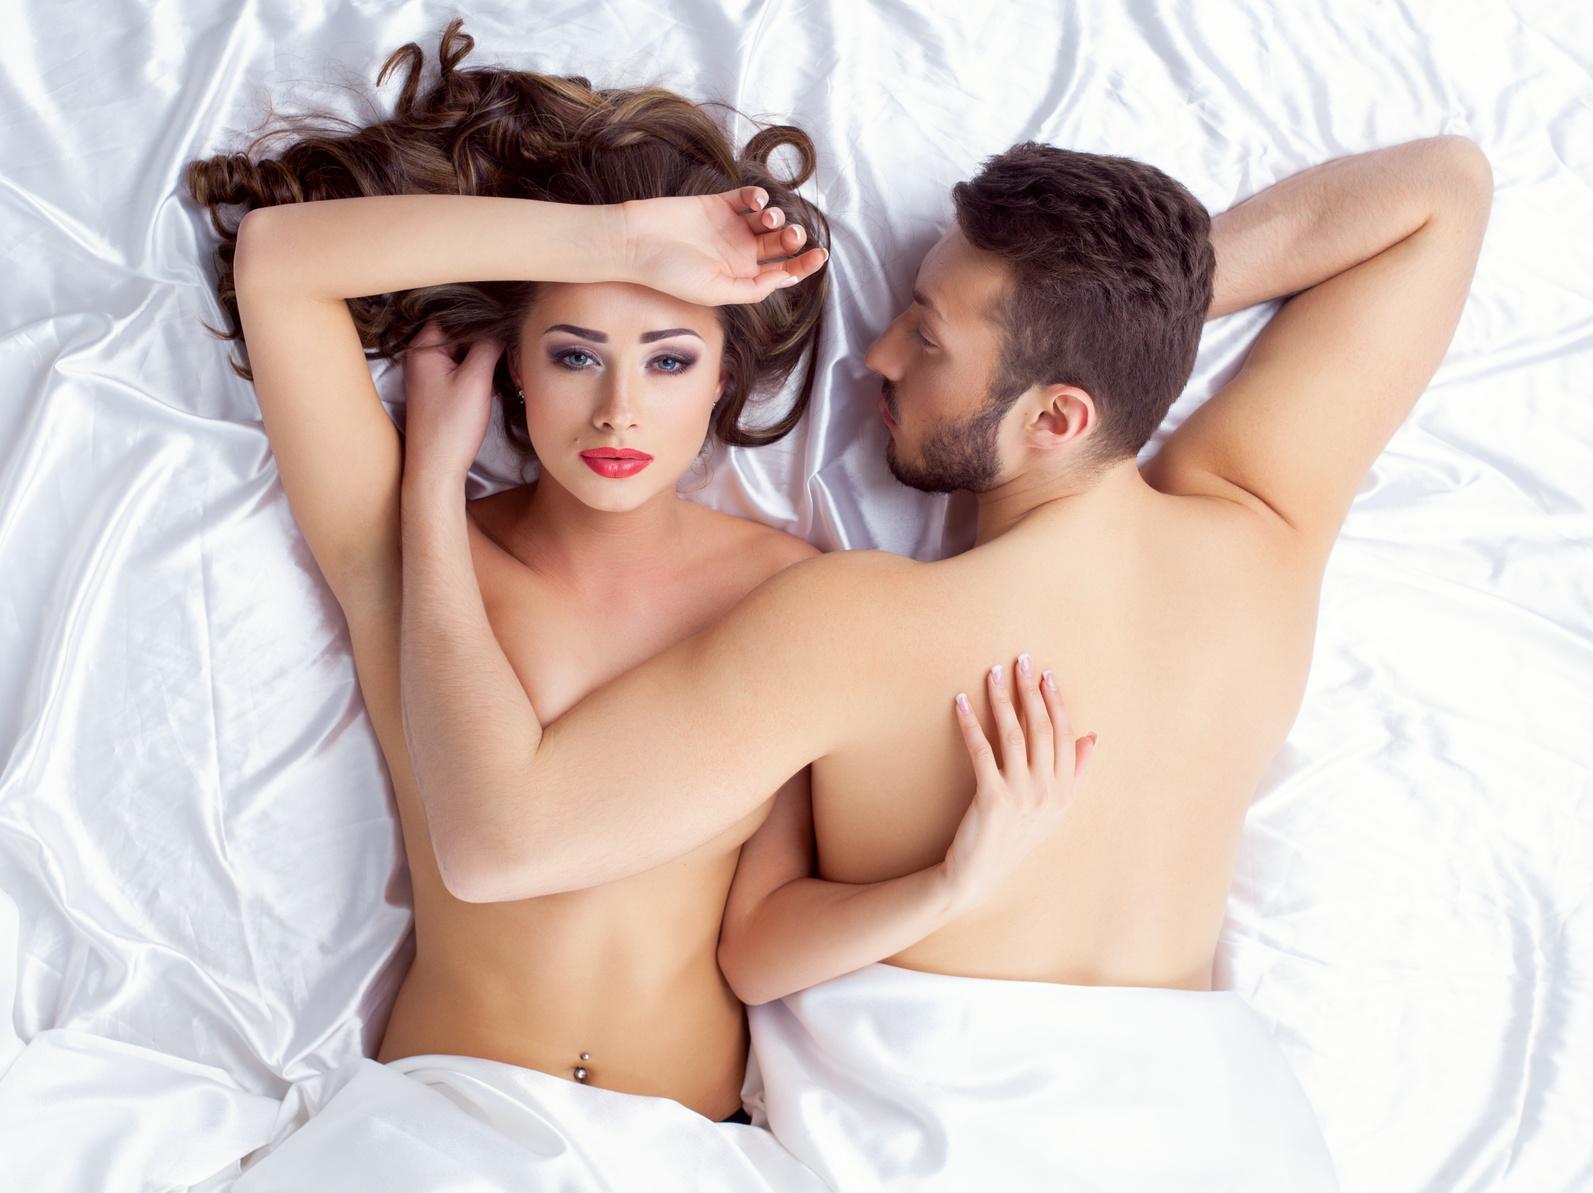 Prečo ženy nemajú chuť na sex? Dôvodov existuje mnoho!